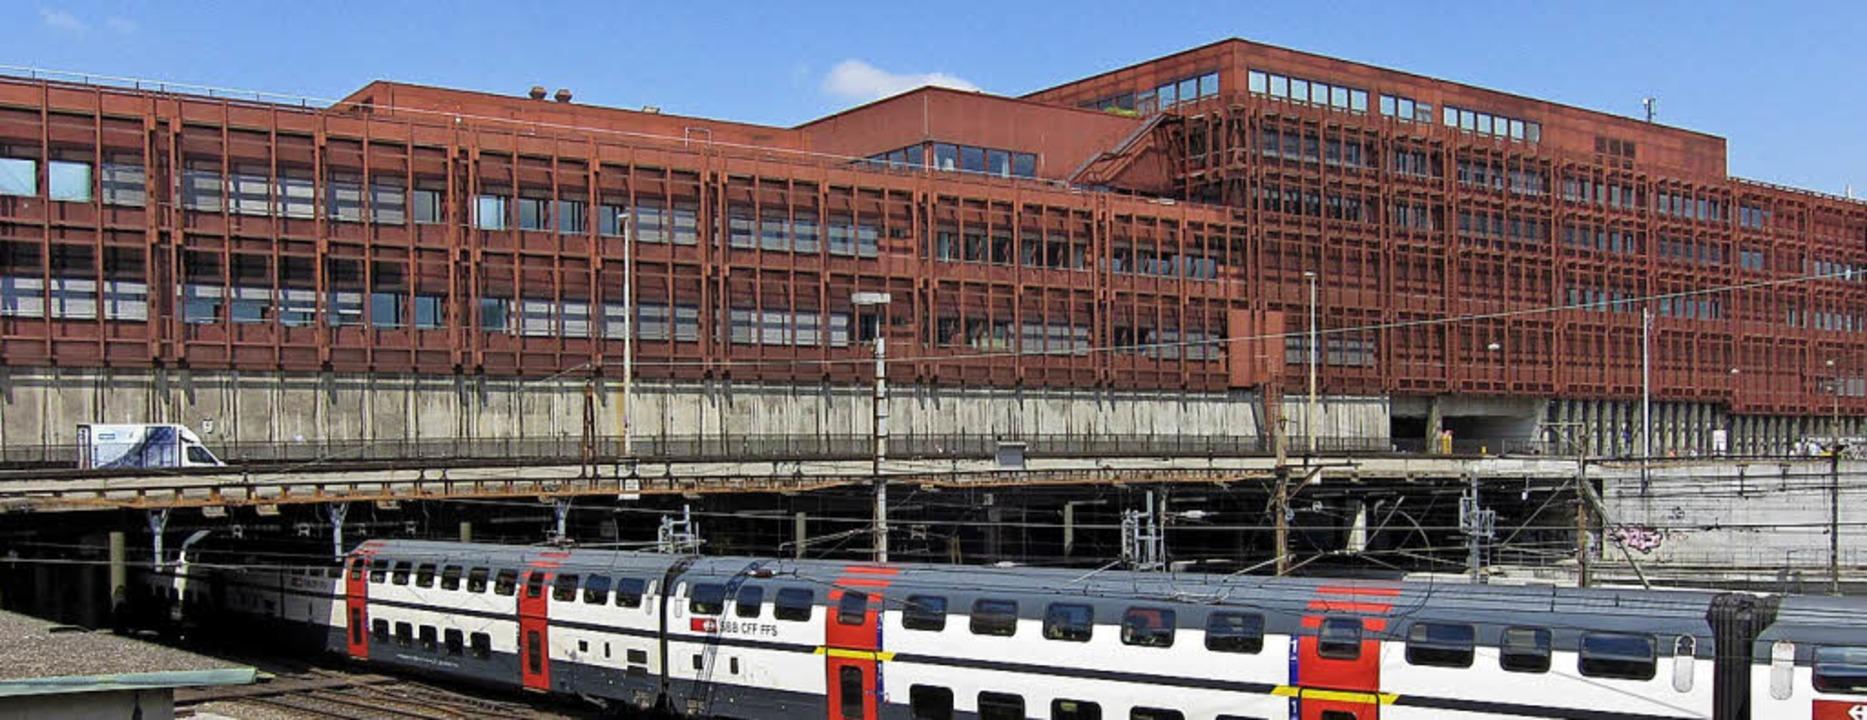 """Der """"Rostbalken"""" am Bahnhof SBB     Foto: Juri Weis/Kanton Basel-Stadt"""